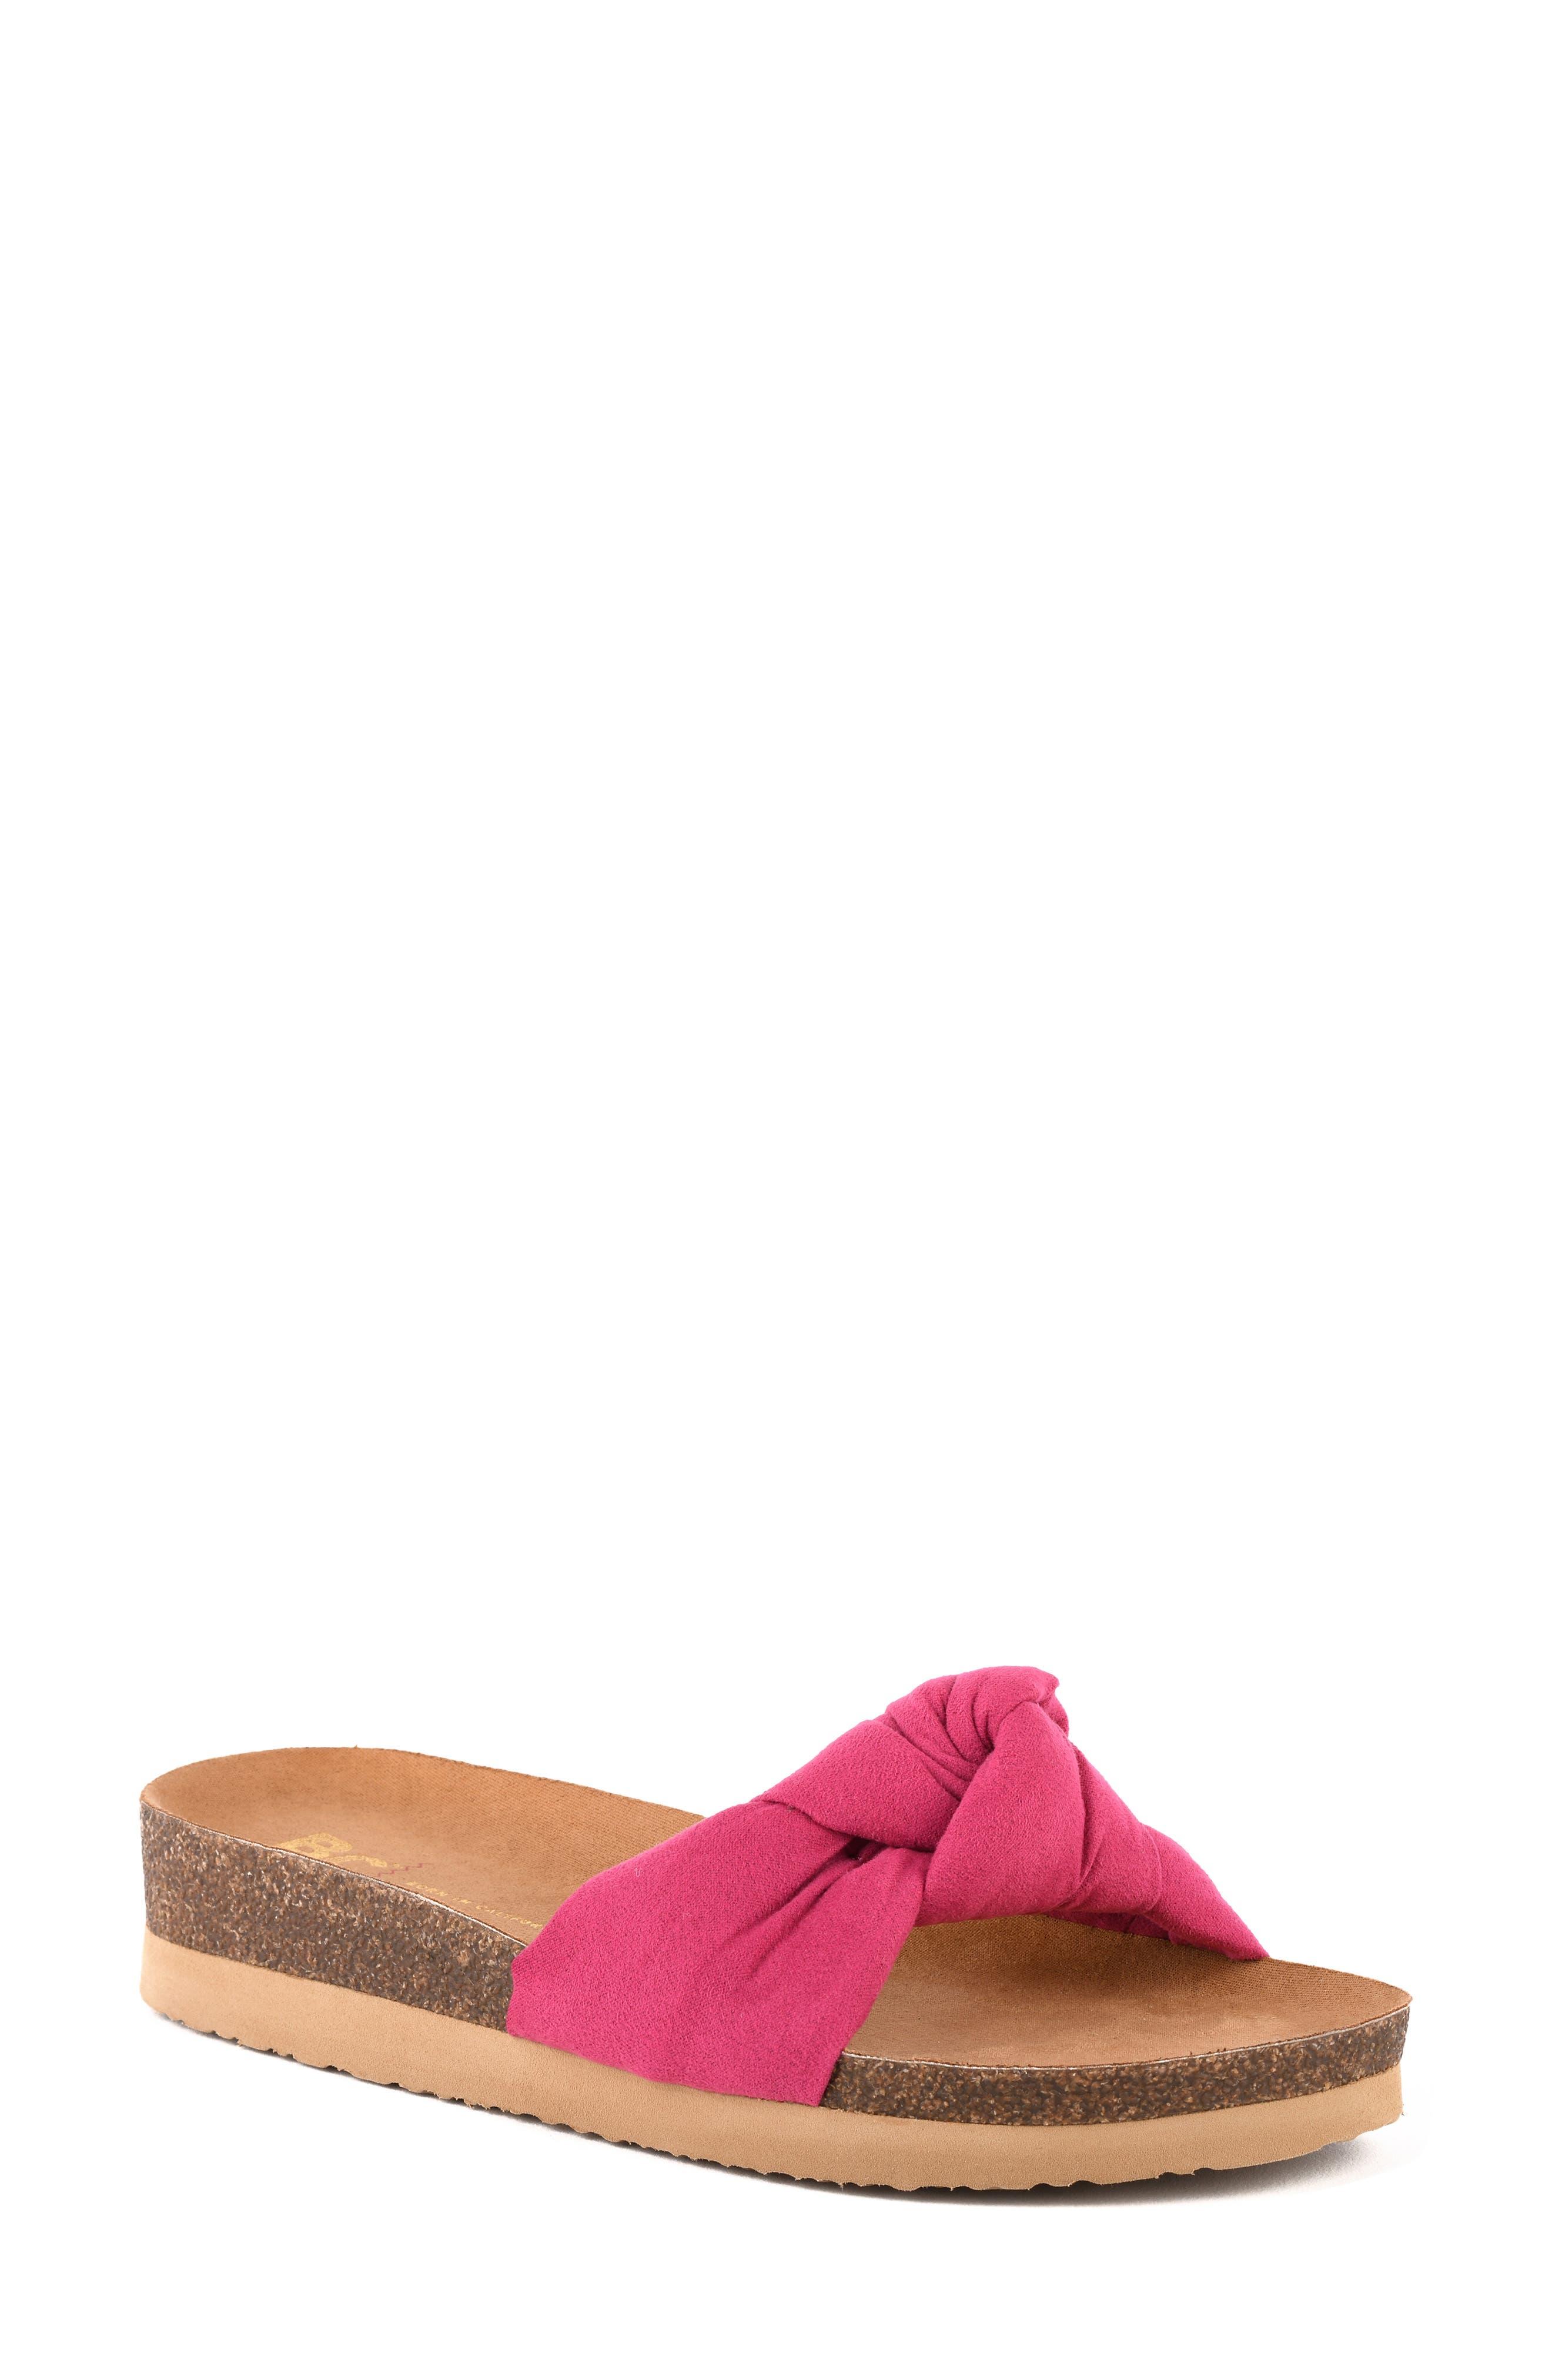 Reunion Platform Slide Sandal